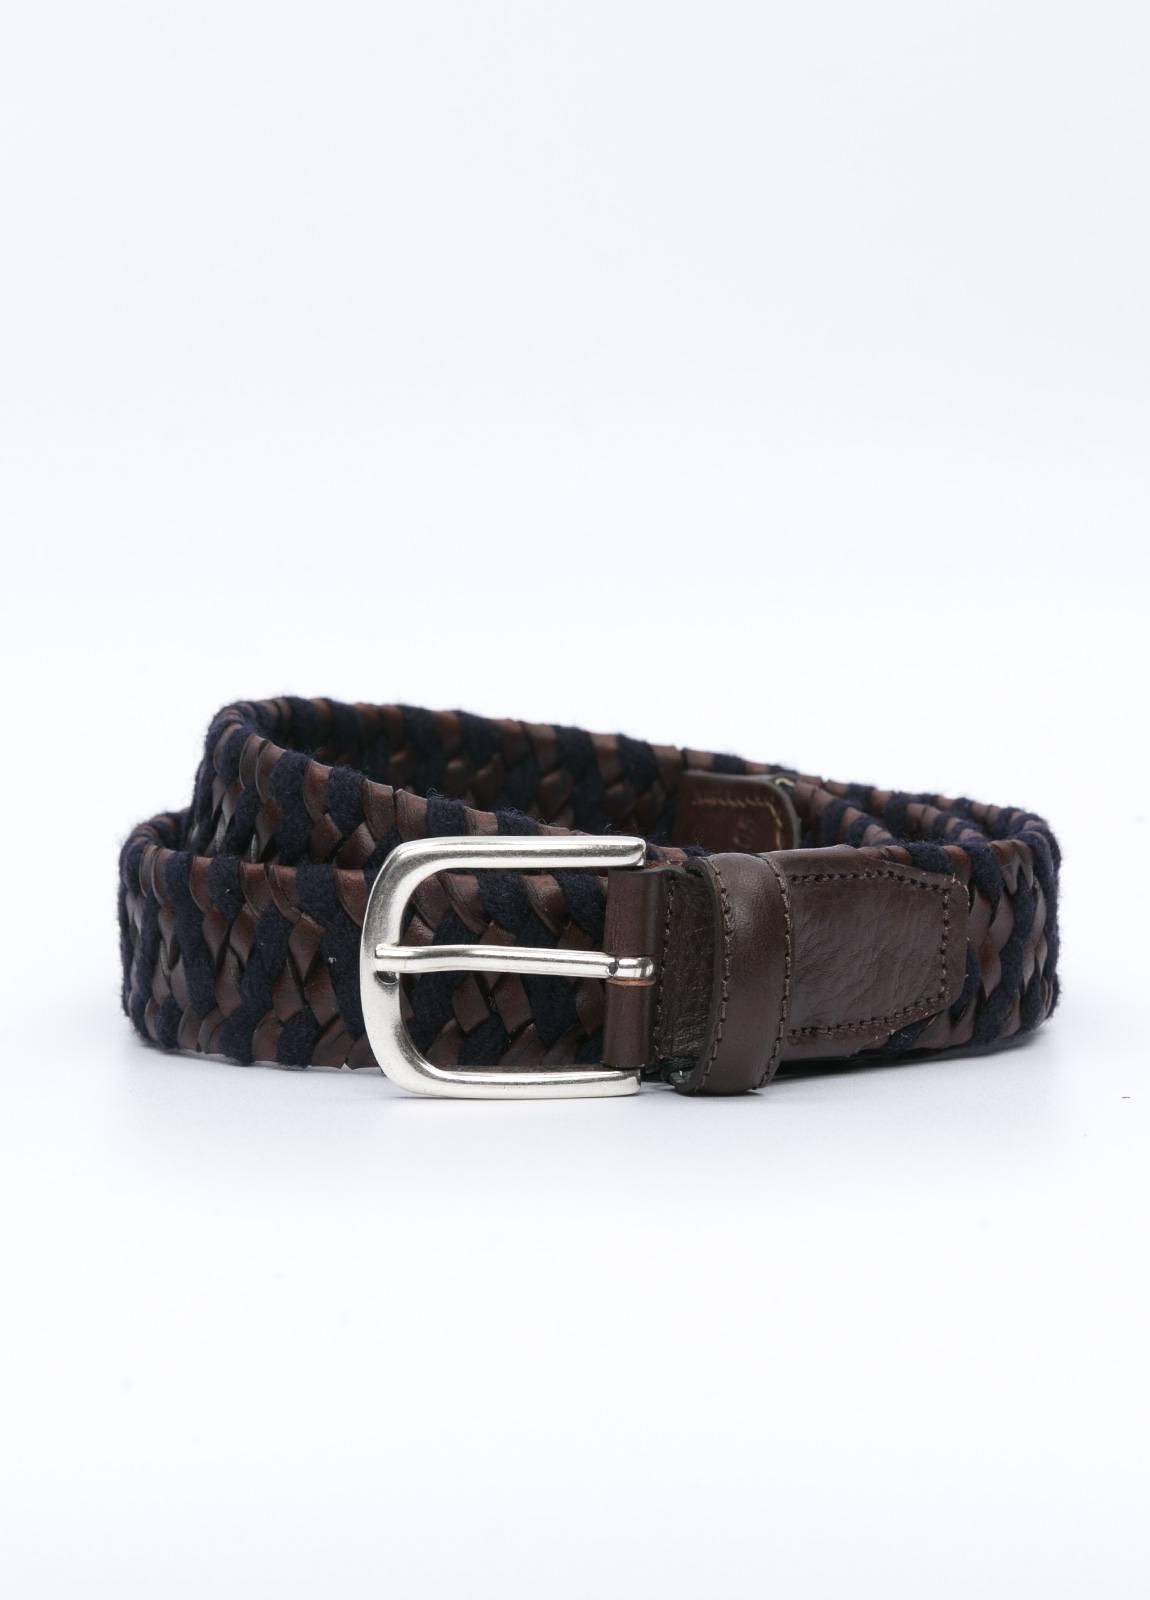 Cinturón sport piel trenzada color marrón y azul marino. 100% Piel y elástico.